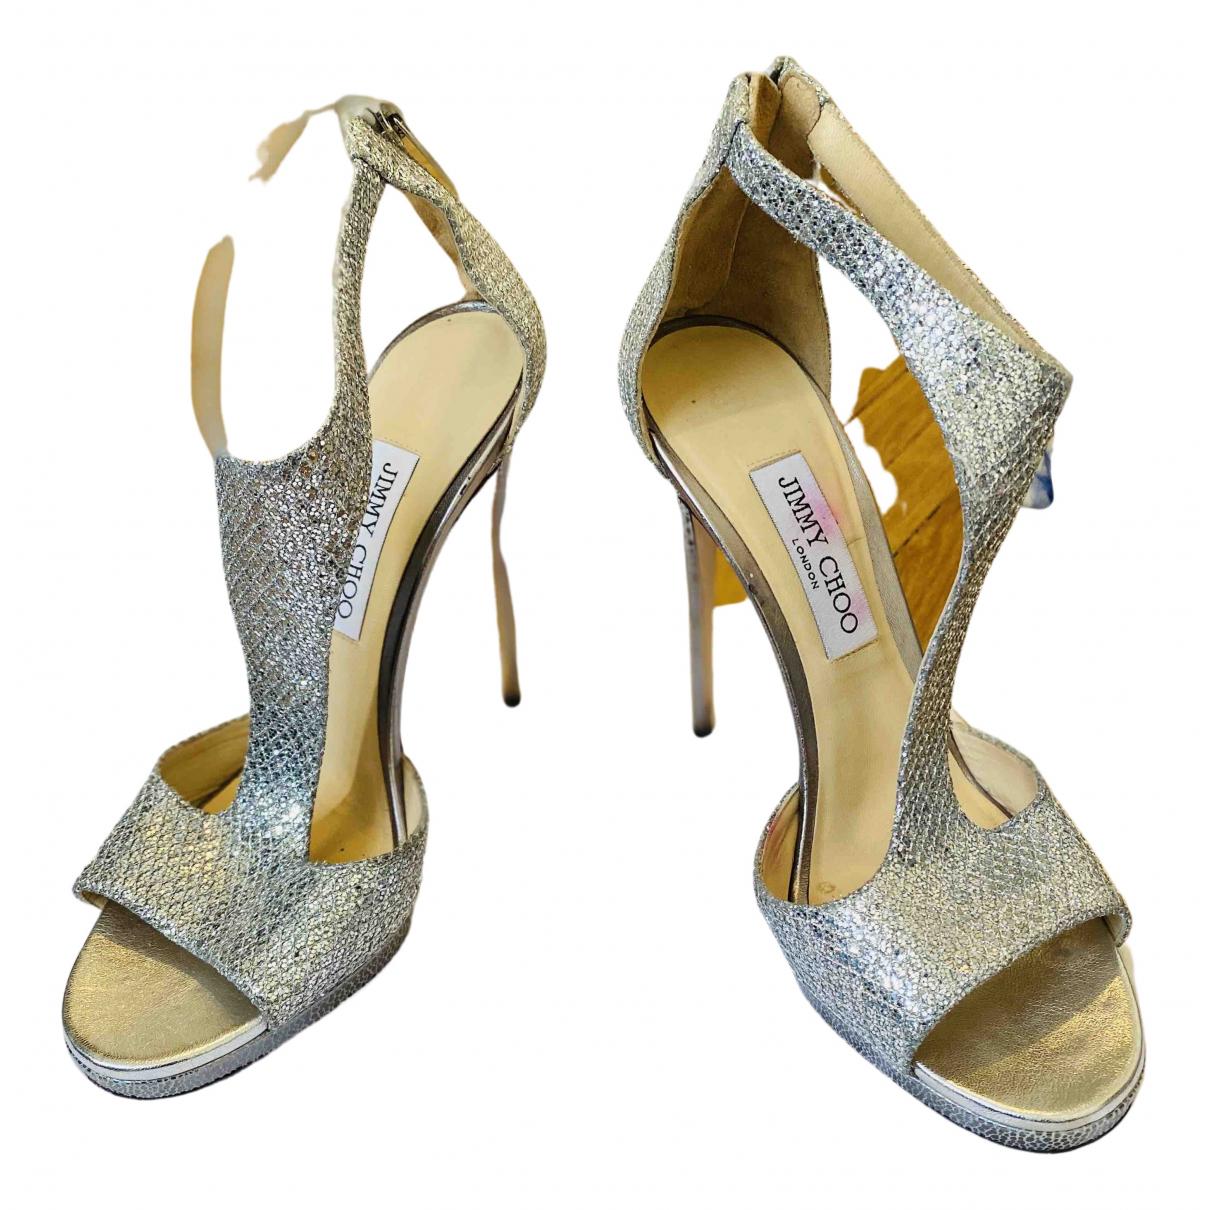 Jimmy Choo \N Silver Glitter Heels for Women 40 EU